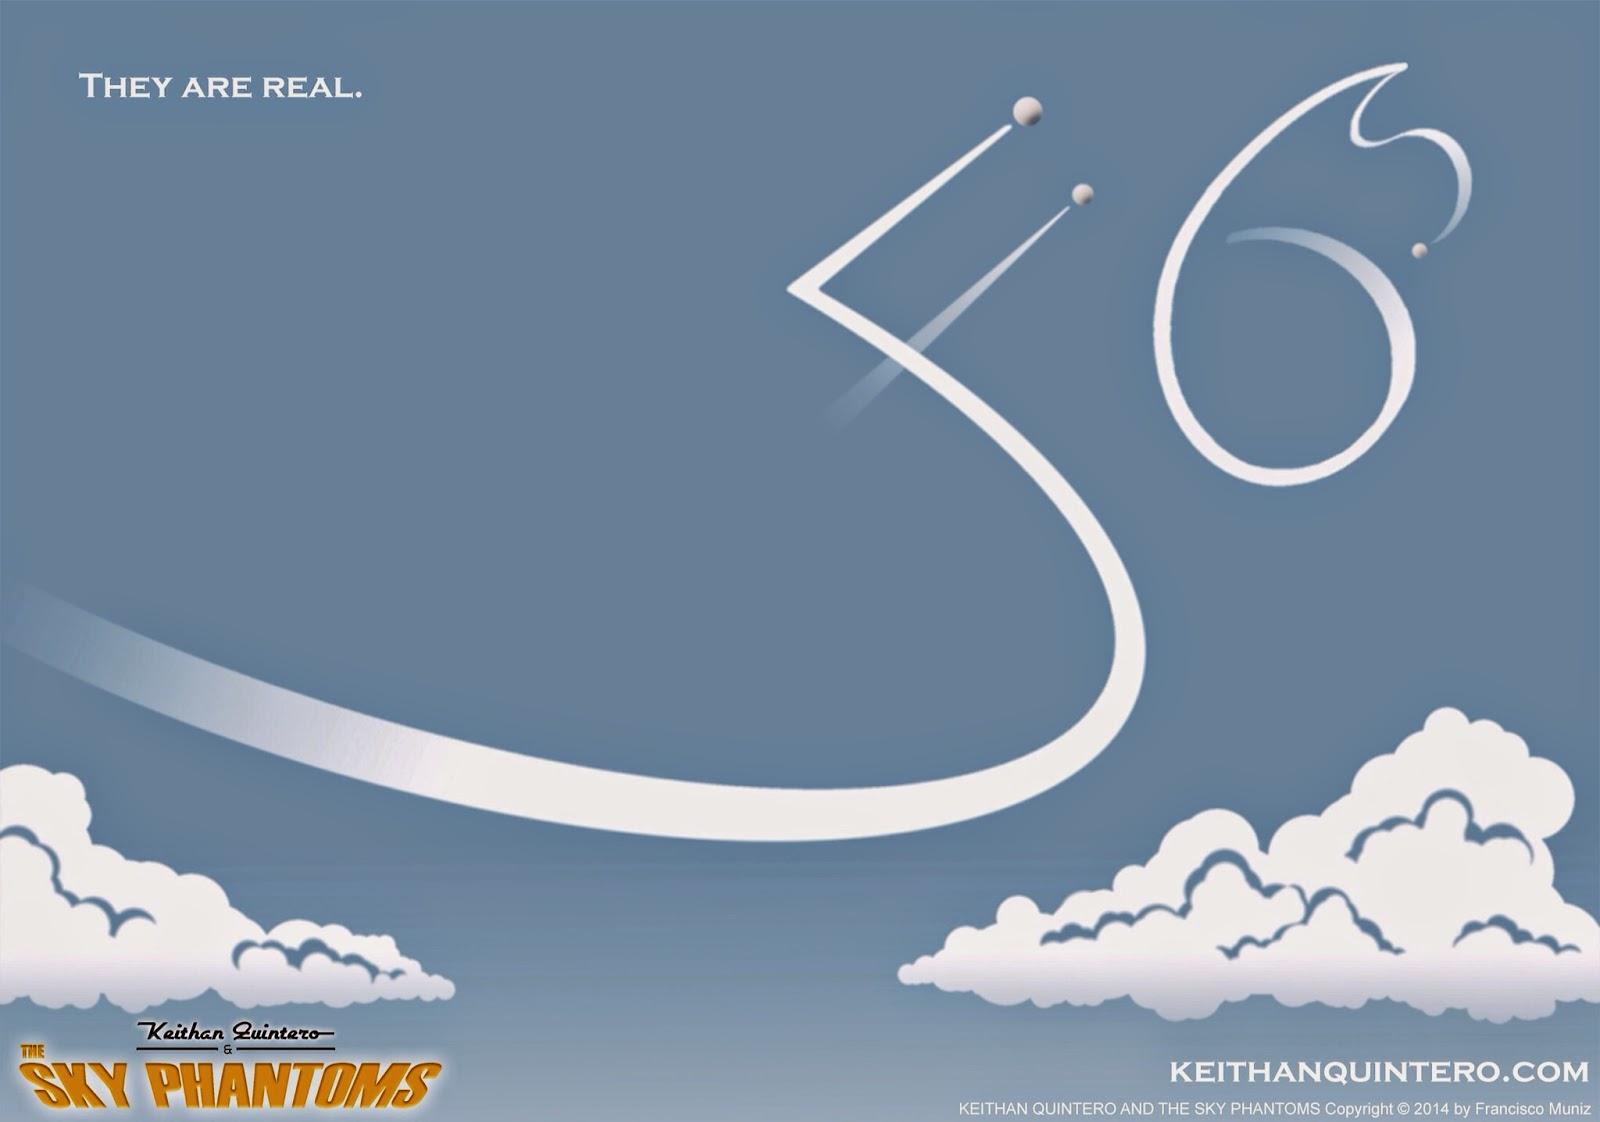 #ufo, #ufos, #keithanquintero, #skyphantoms